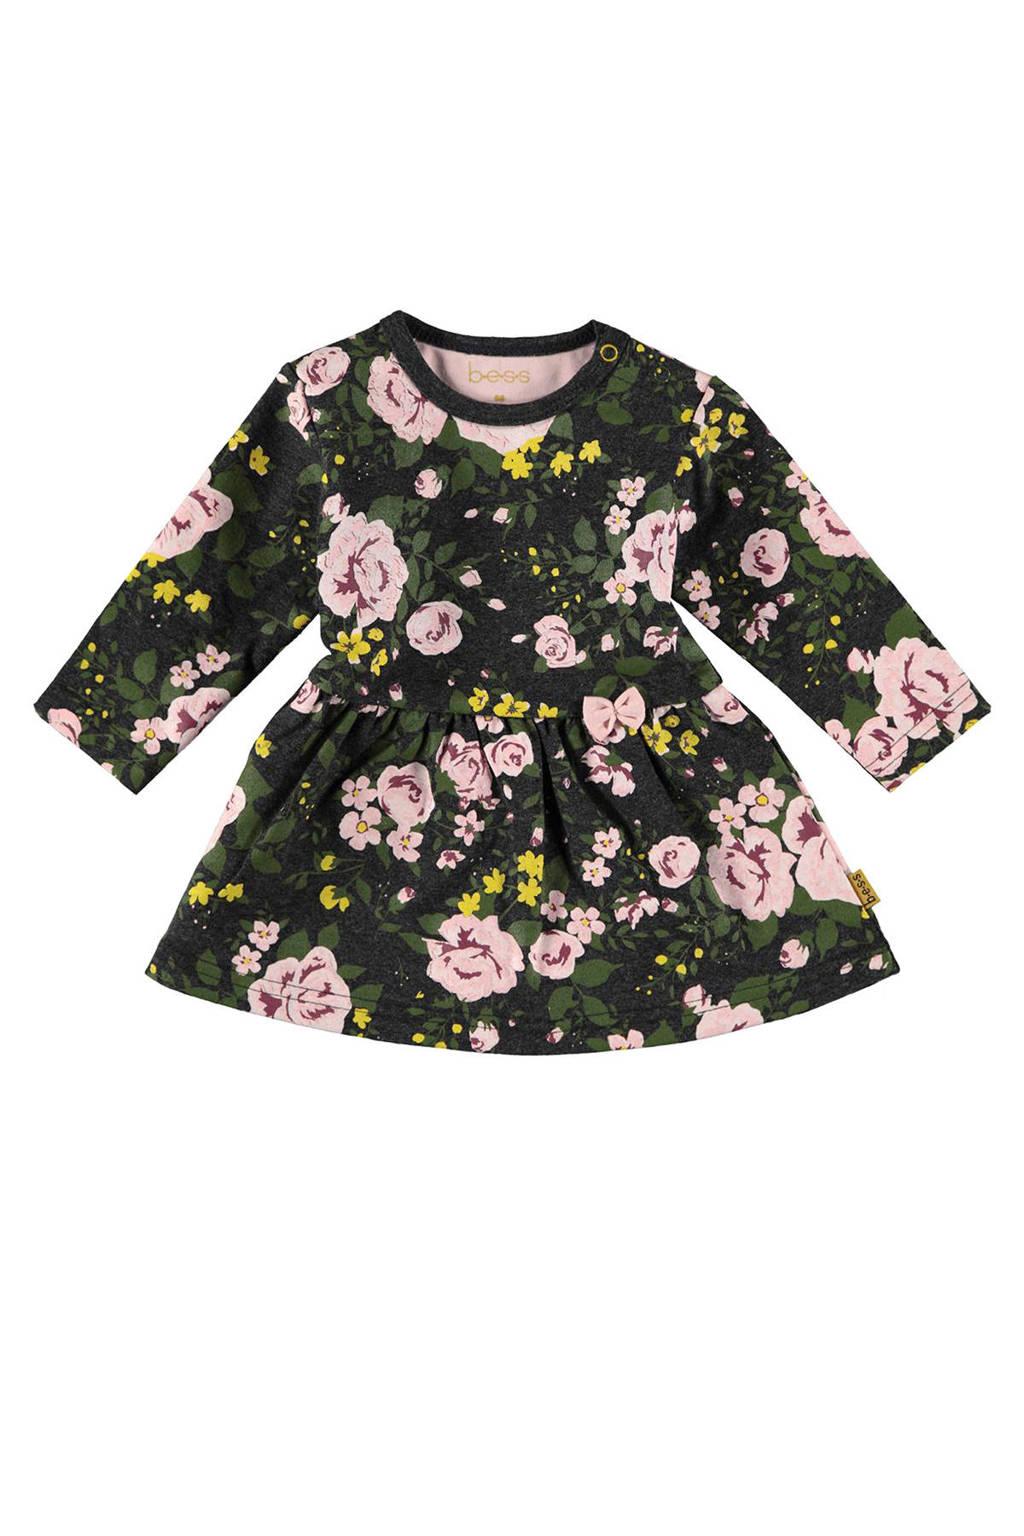 B.E.S.S gebloemde jersey jurk donkergroen/roze, Donkergroen/roze